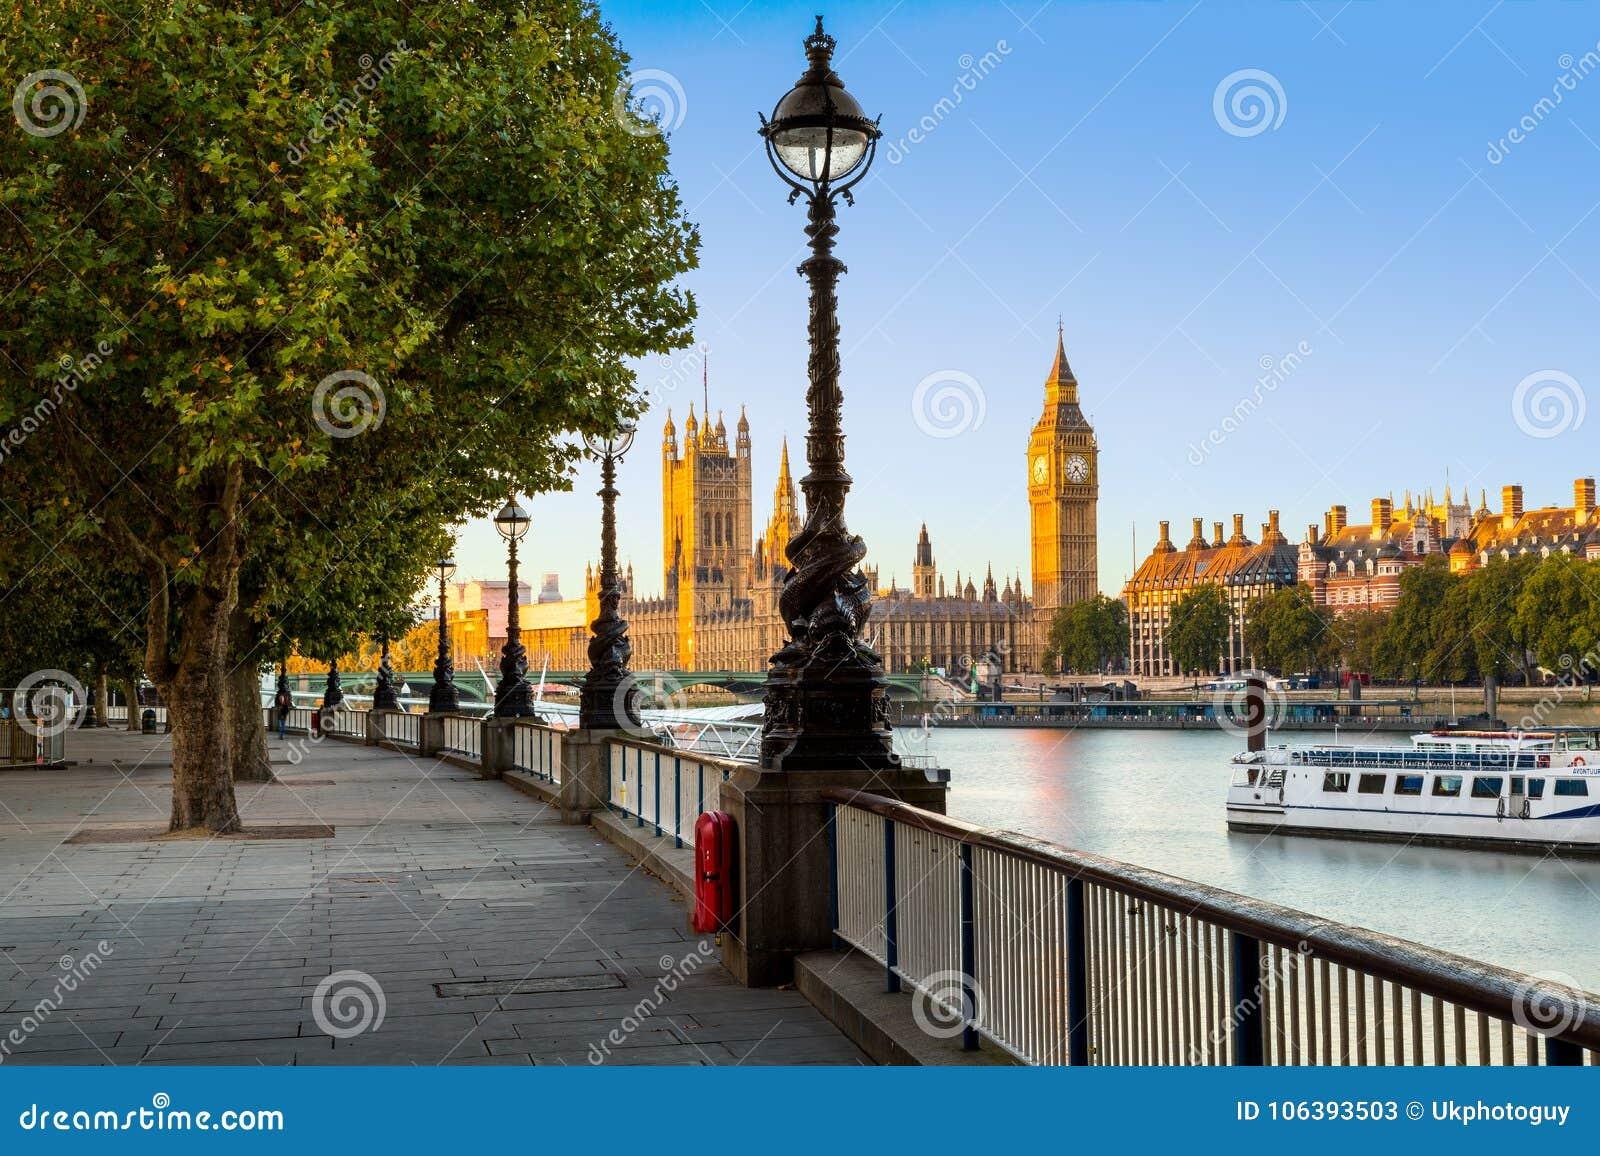 Λαμπτήρας οδών στο South Bank του ποταμού Τάμεσης με Big Ben και το παλάτι του Γουέστμινστερ στο υπόβαθρο, Λονδίνο, Αγγλία, UK